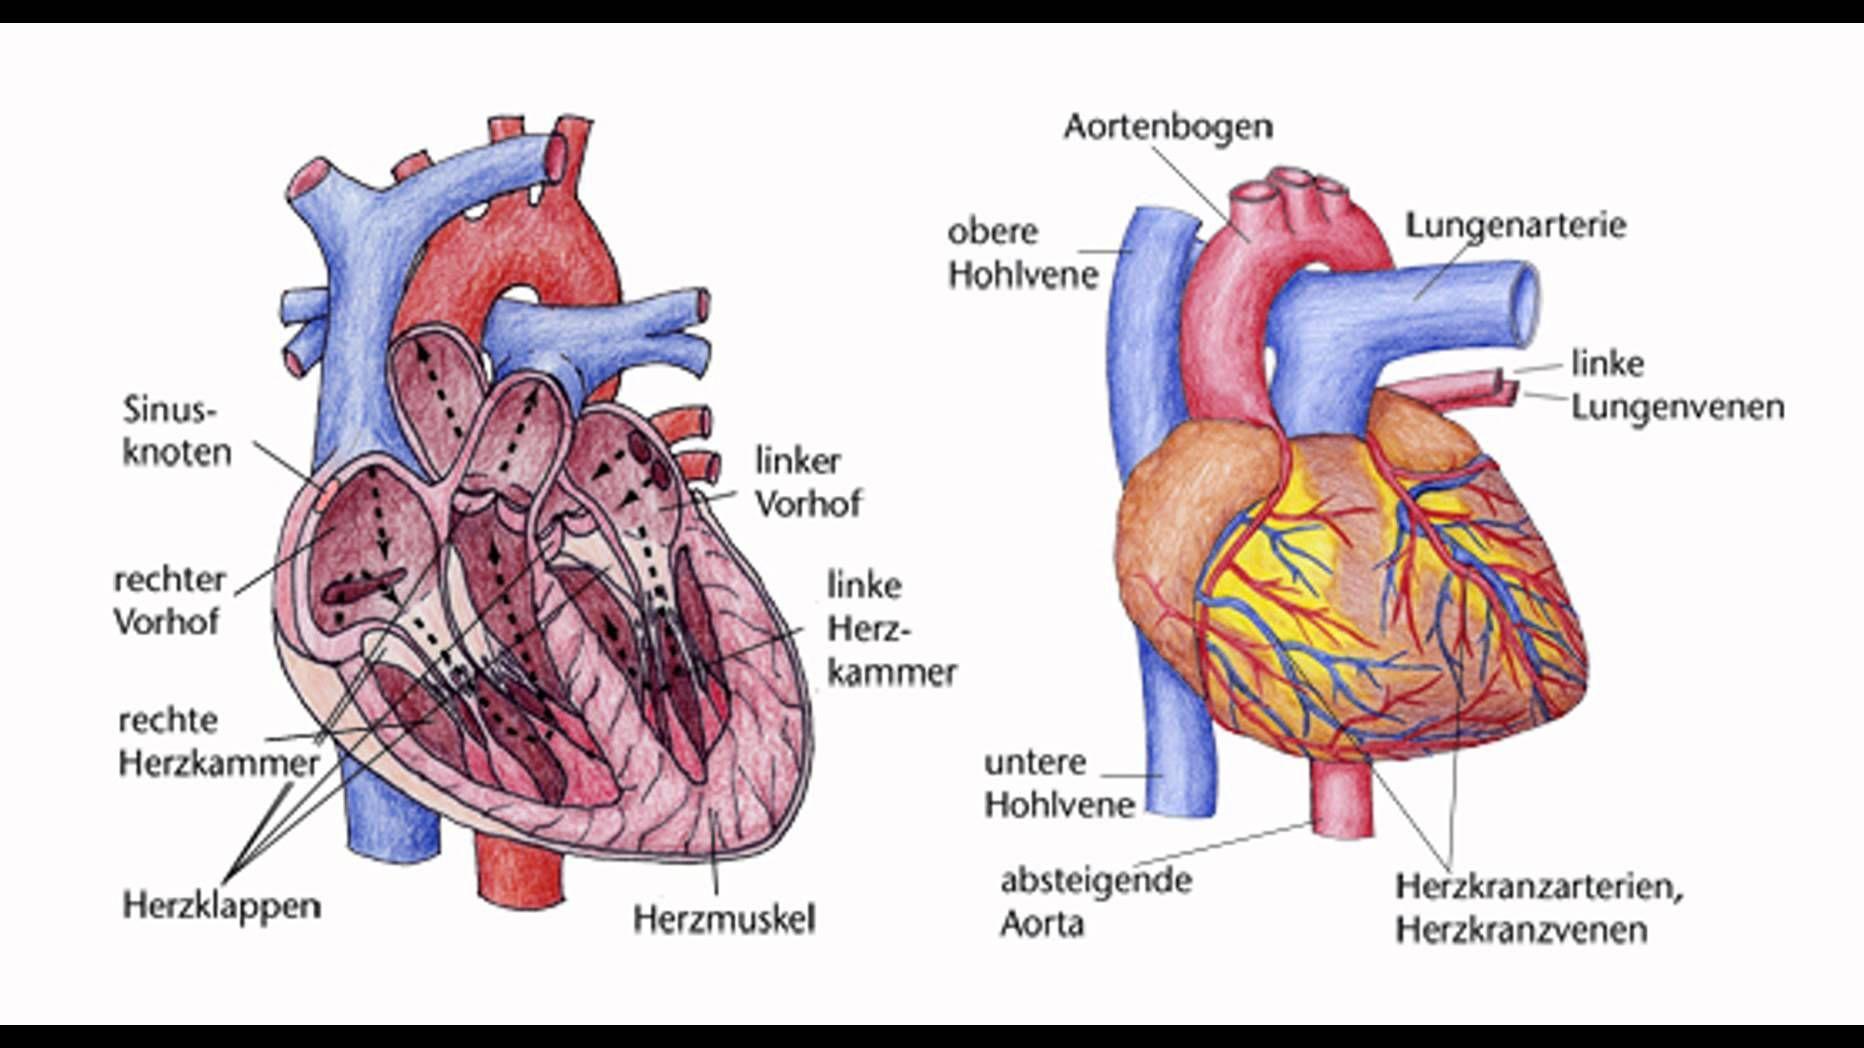 erkrankungen des herzens Erkrankungen des Herz-Kreislauf-Systems wie ...